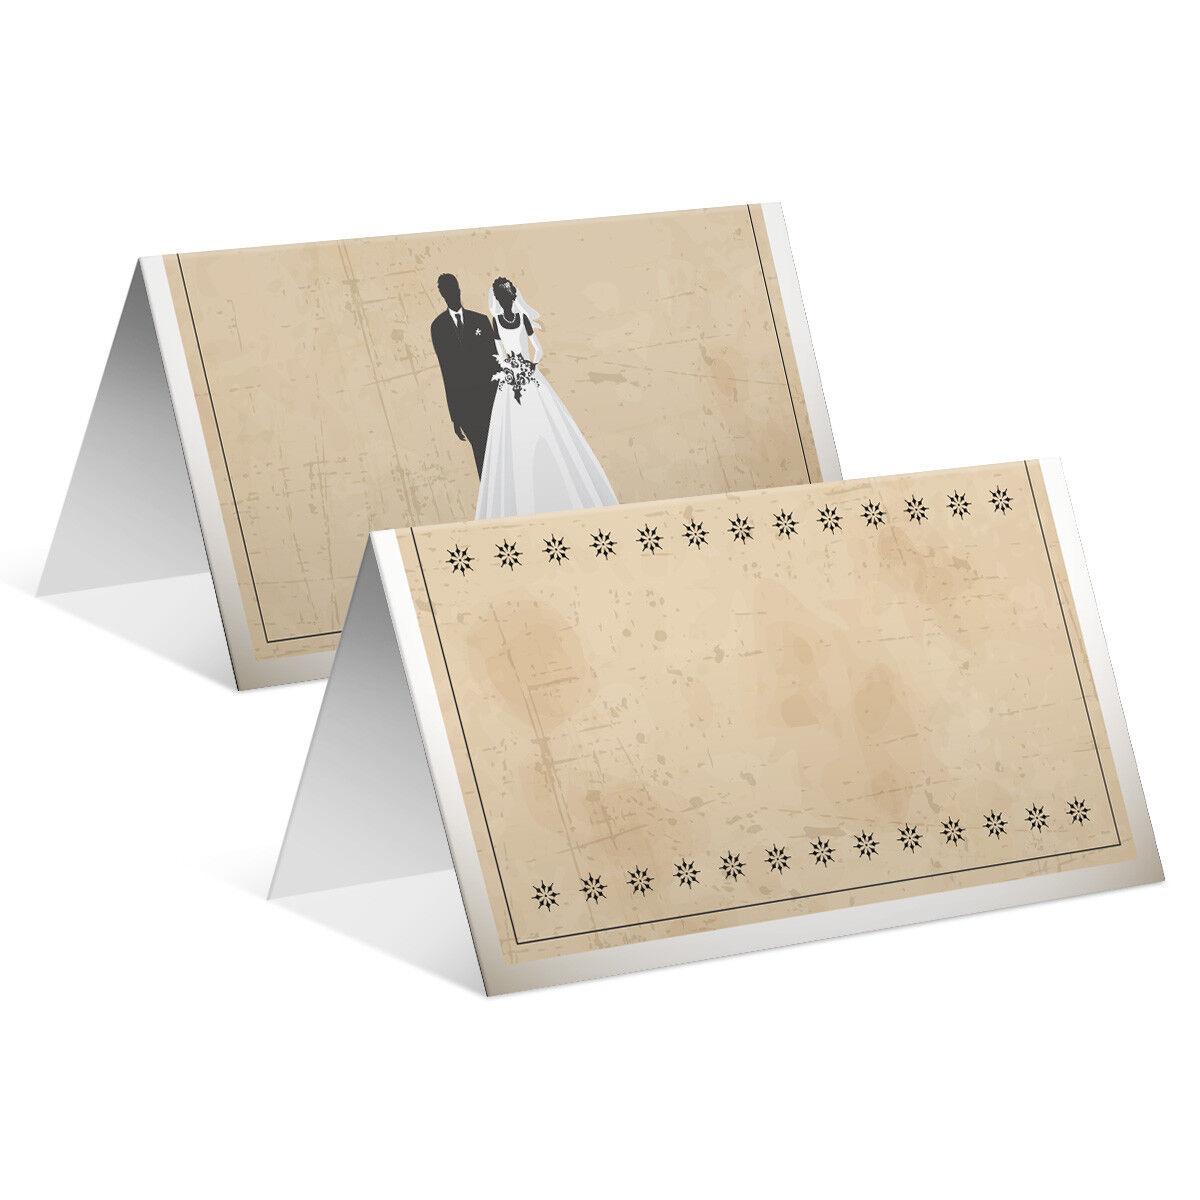 Blanko Platzkarte Tischkarten Geburtstag Hochzeit - Vintage Brautpaar Weiß   Kaufen Sie beruhigt und glücklich spielen    Verrückter Preis